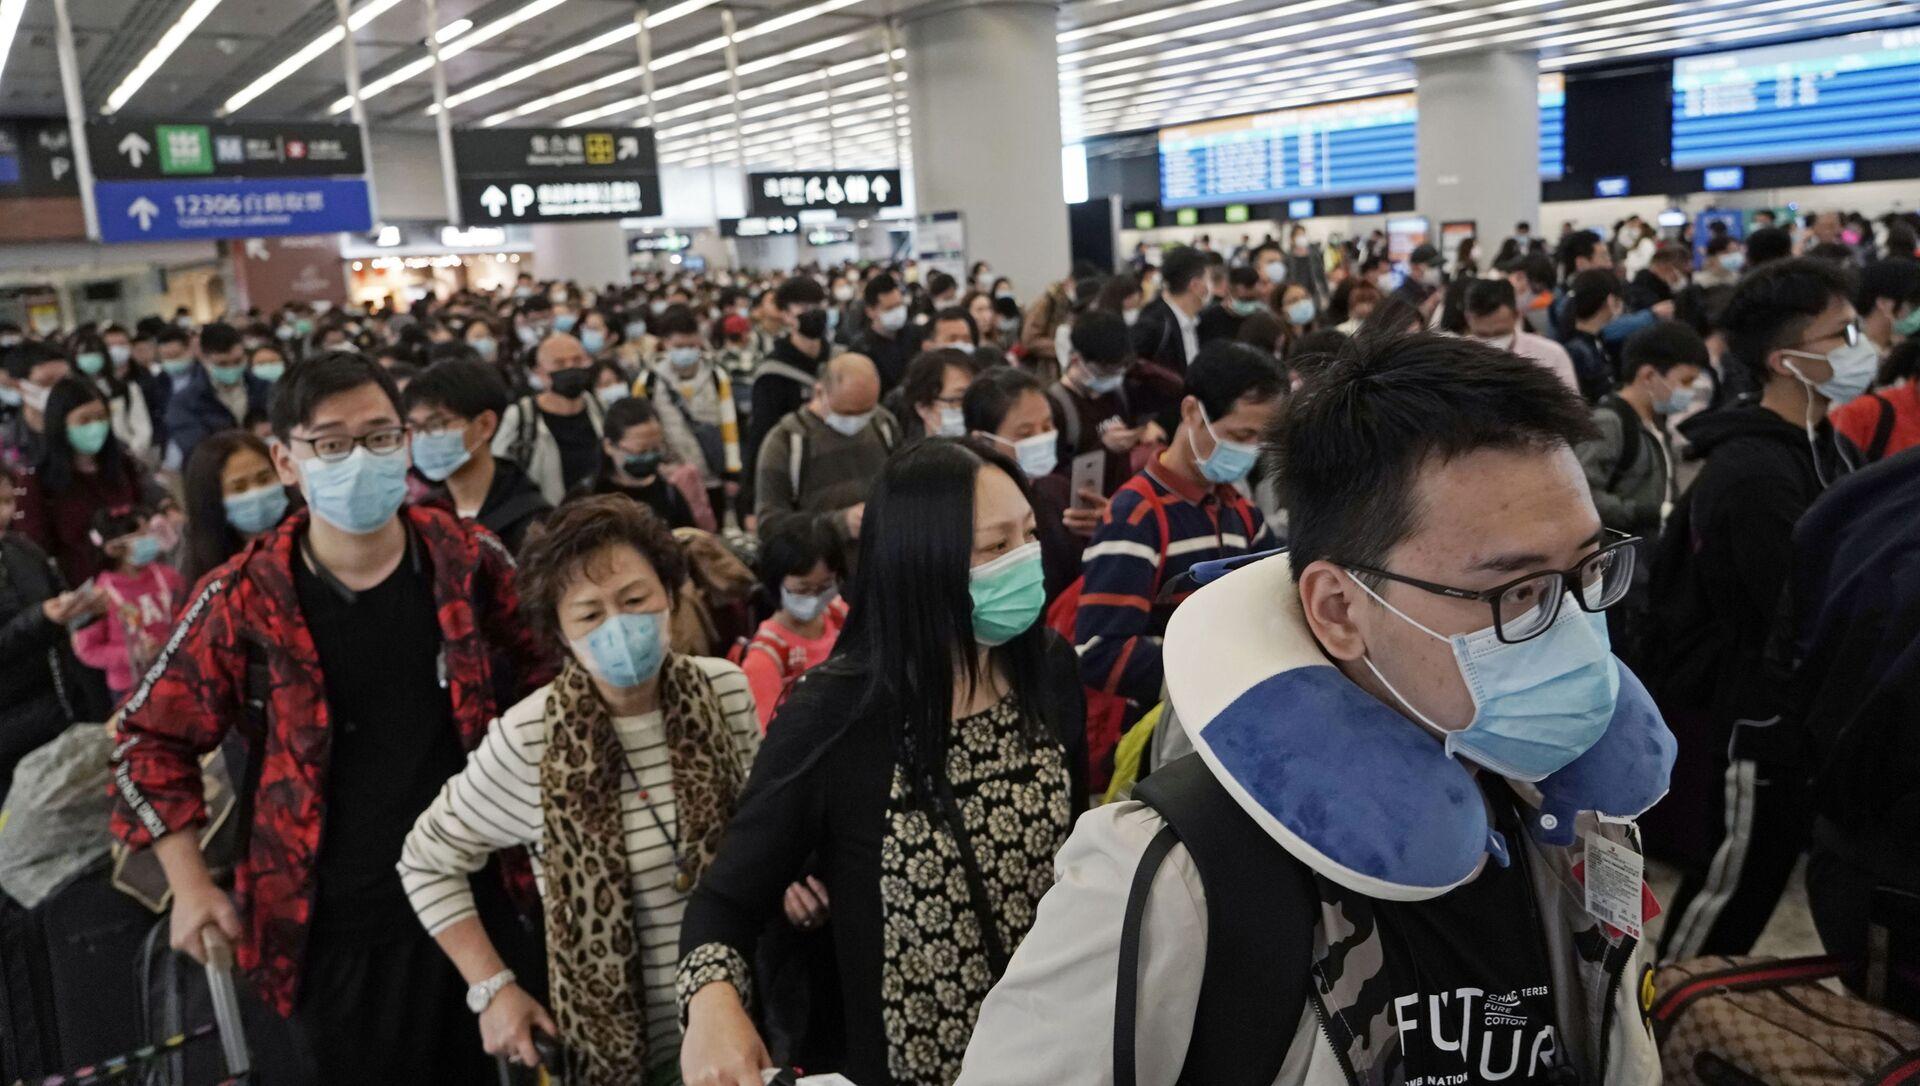 Passeggeri in maschere alla stazione ferroviaria a Hong Kong - Sputnik Italia, 1920, 09.03.2021